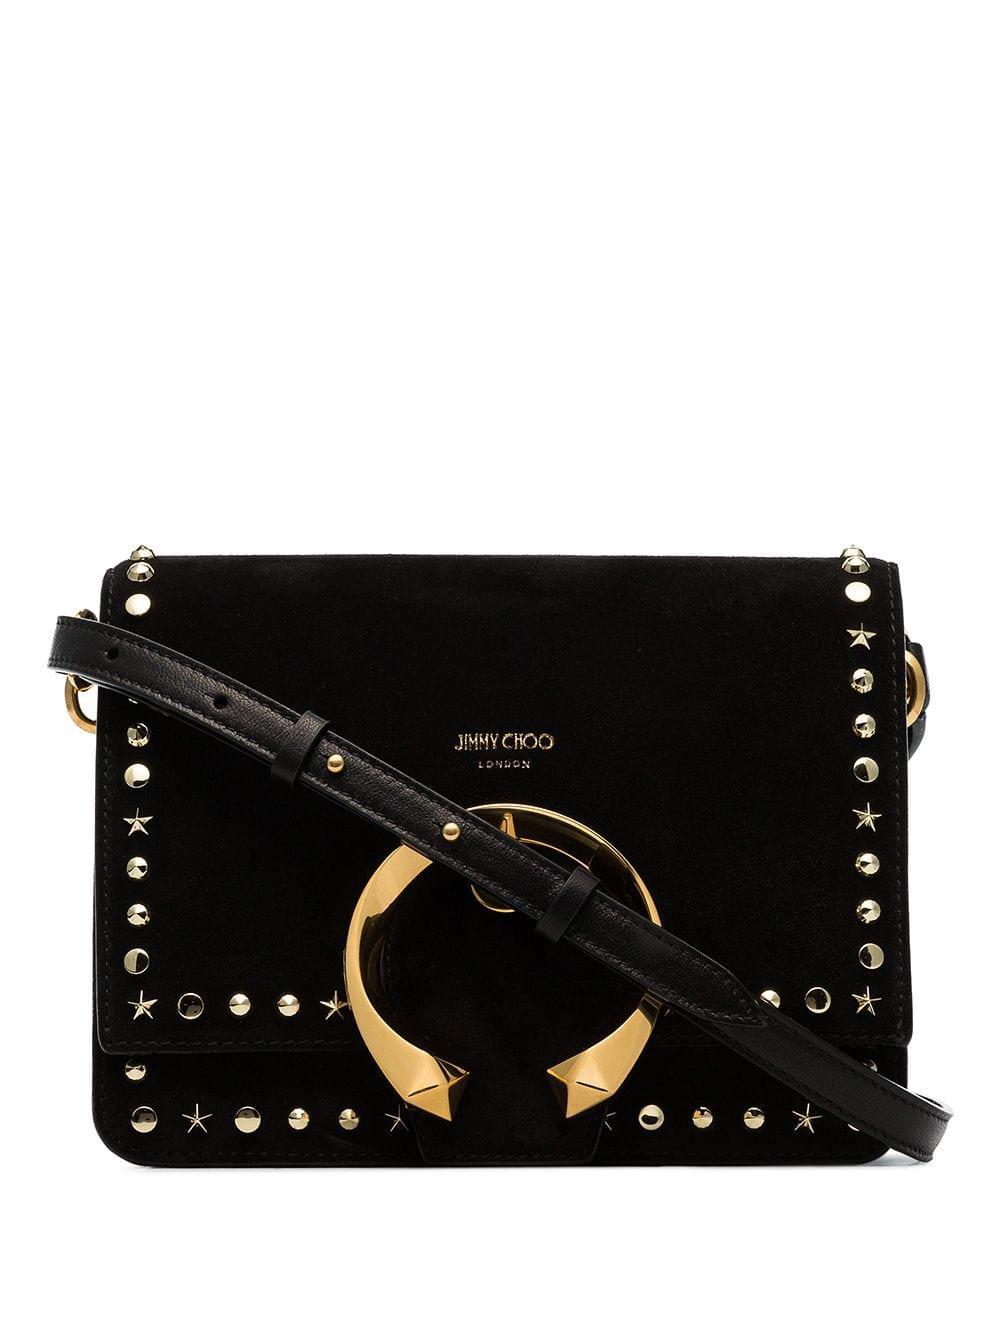 Jimmy Choo Madeline buckle-embellished Shoulder Bag - Farfetch